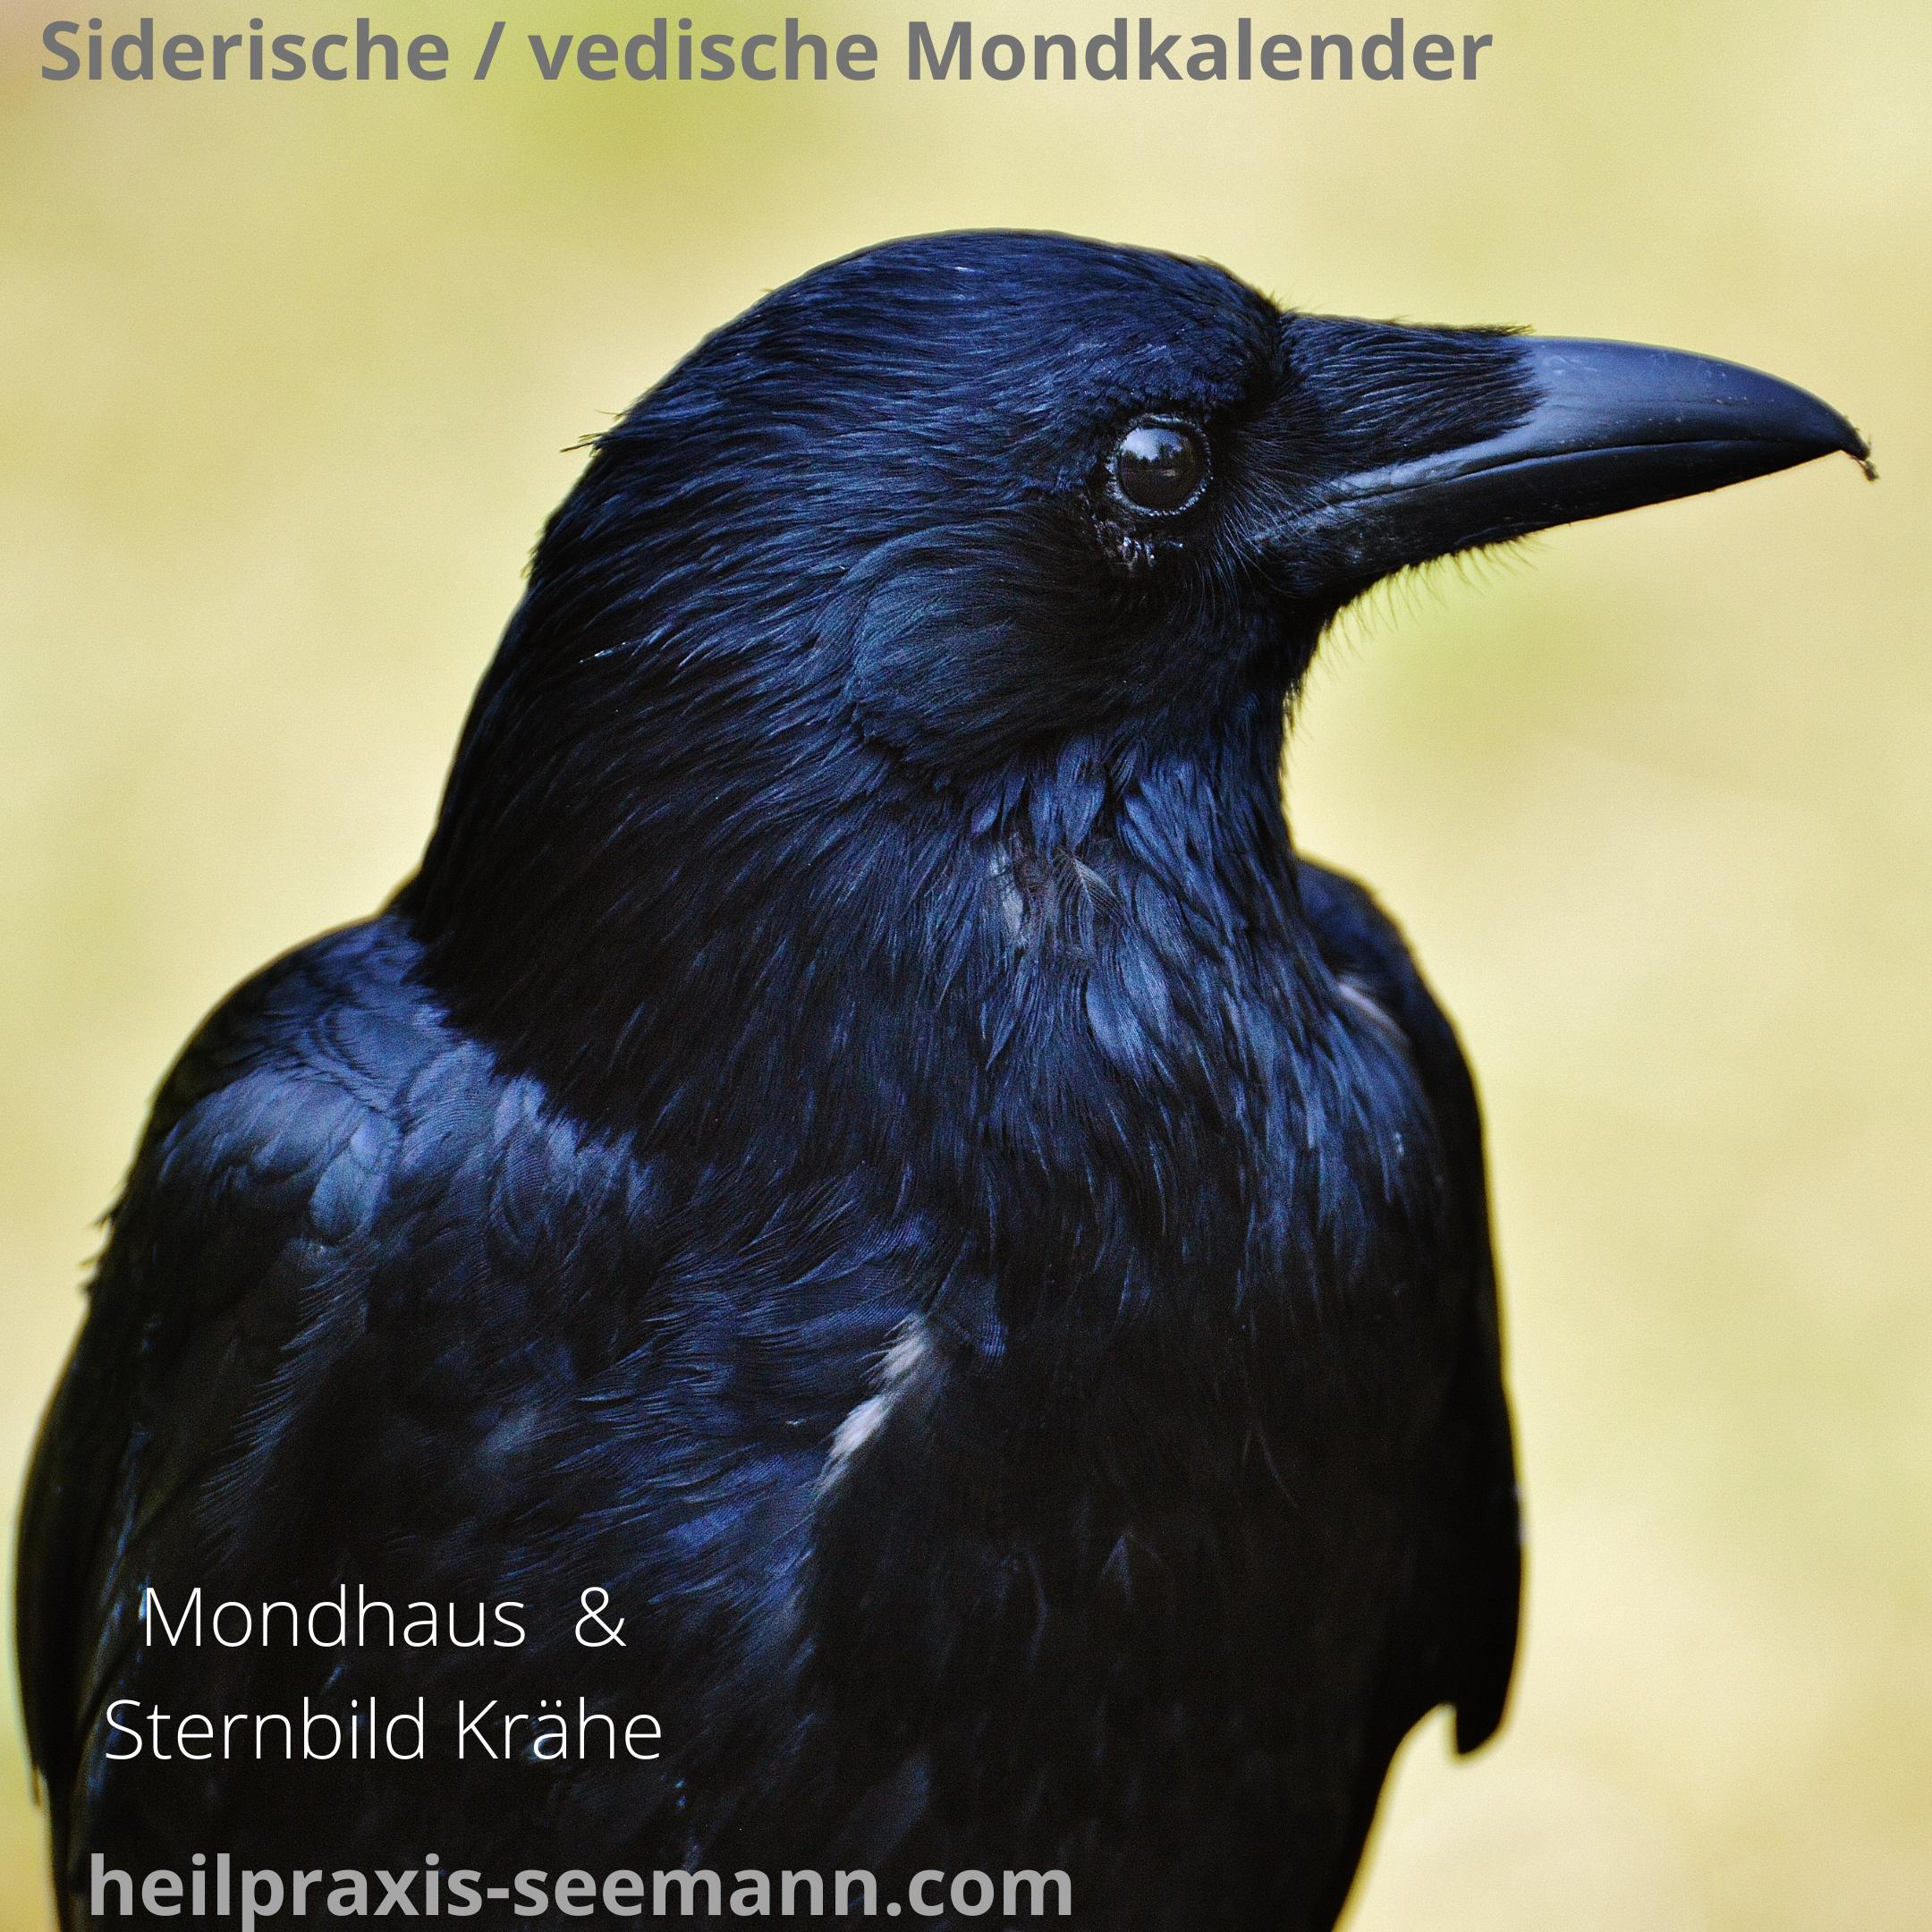 Siderische Mondkalender Mondhaus Hasta